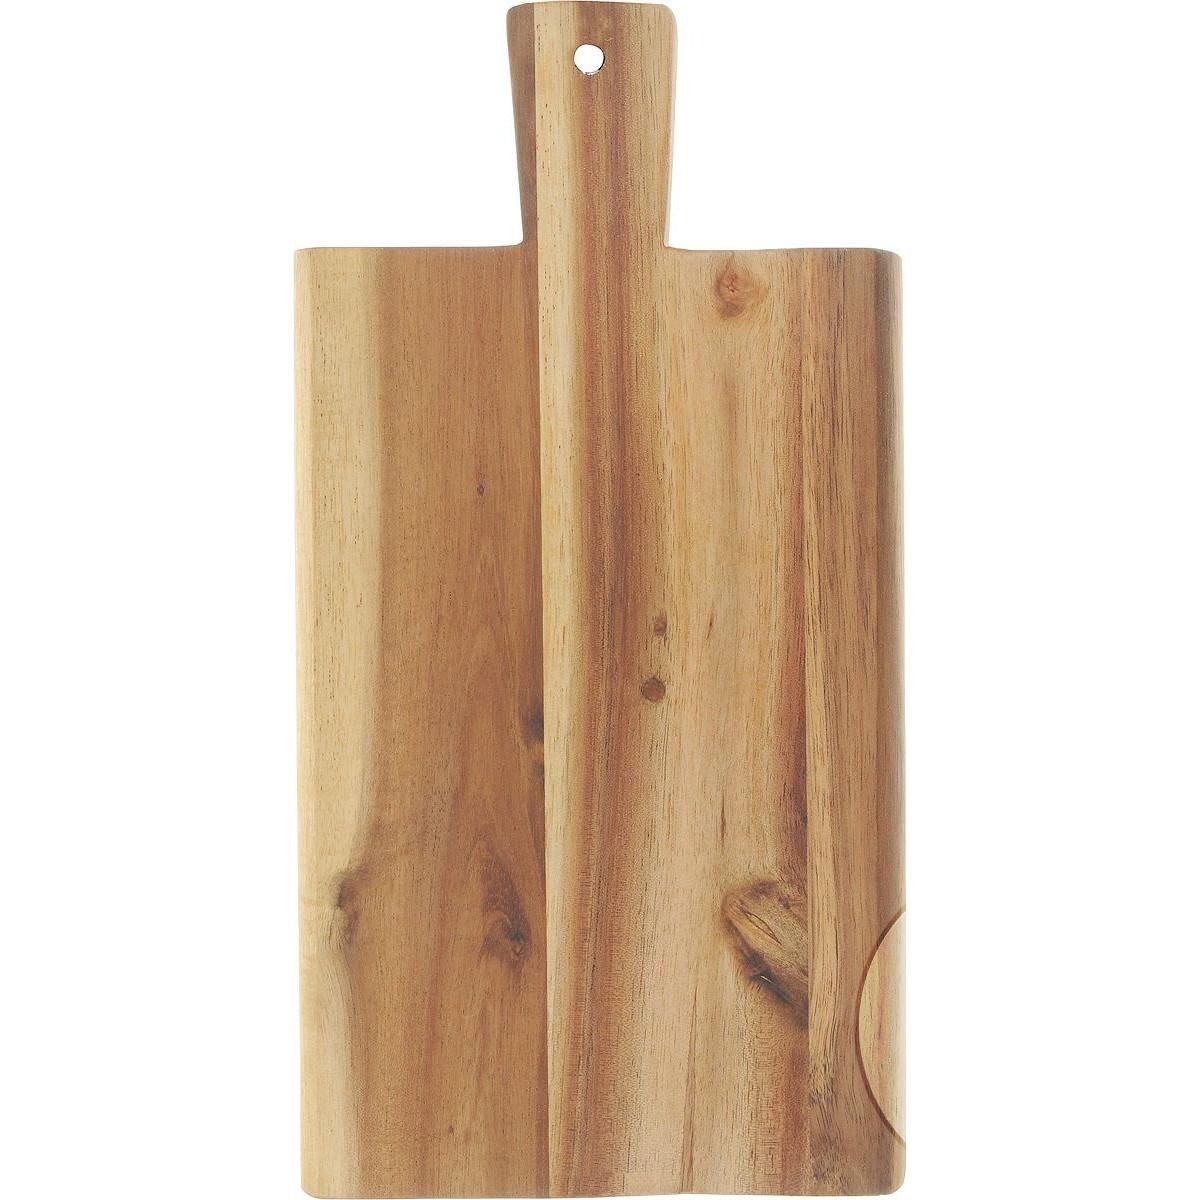 Доска разделочная  29х14х1,5   2019-0Доска изготовлена их бамбука с отверстием для подвешивания на крючок.Бамбук-инновационный материя,идеально подходит для изготовления досок..Доски из бамбука обладают высокой плотностью структуры древесины, а также устойчивы к механическим воздействиям.<br>